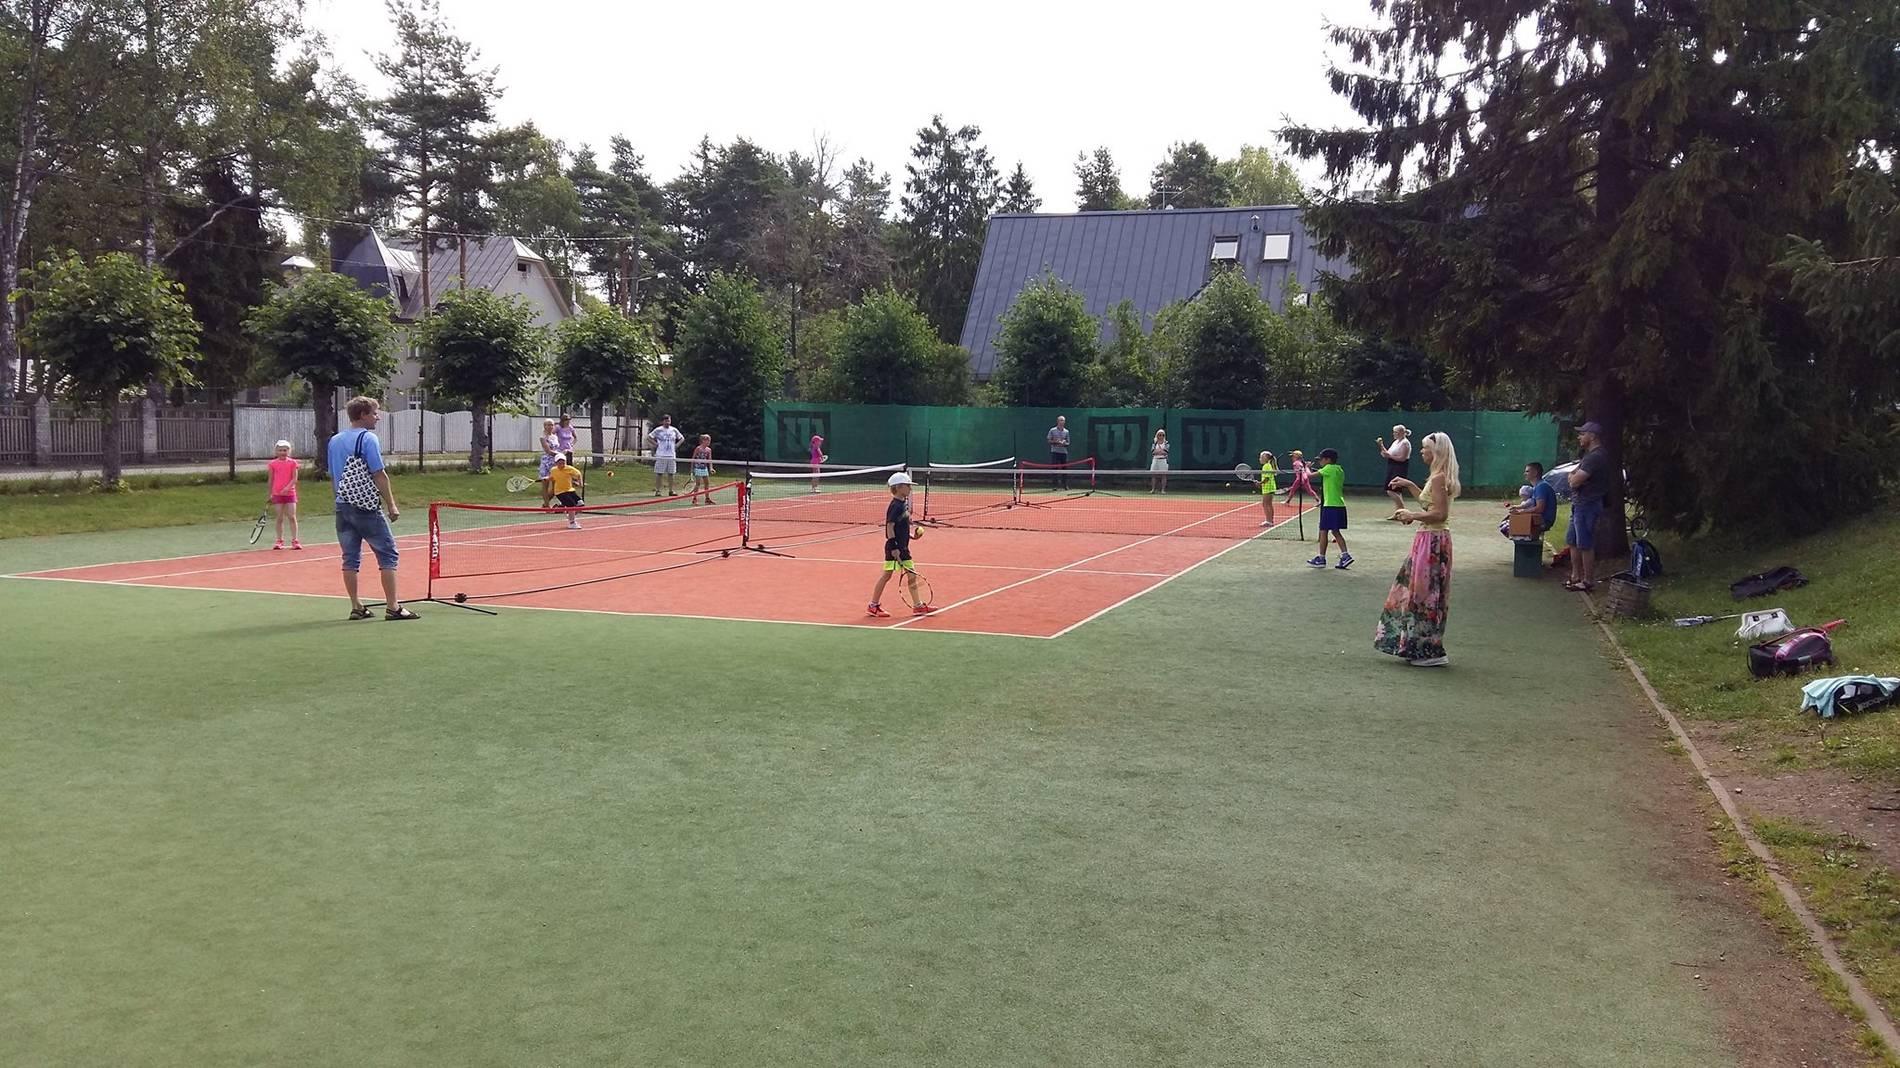 Nõmme Tennis Club in Tallinn,Estonia